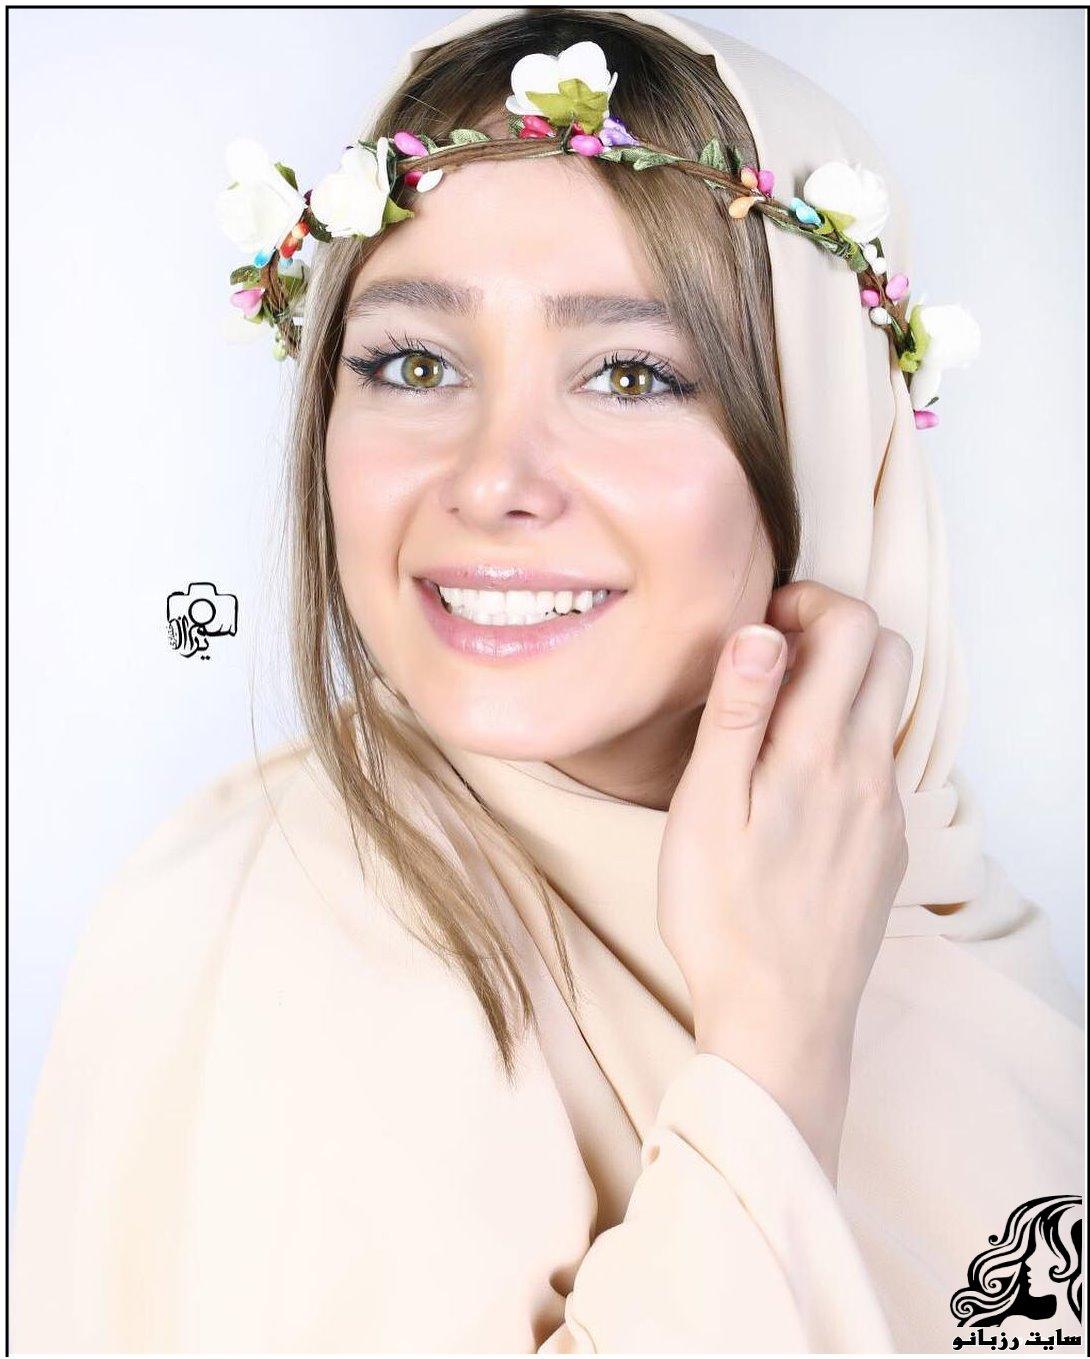 عکس های خاص الناز حبیبی